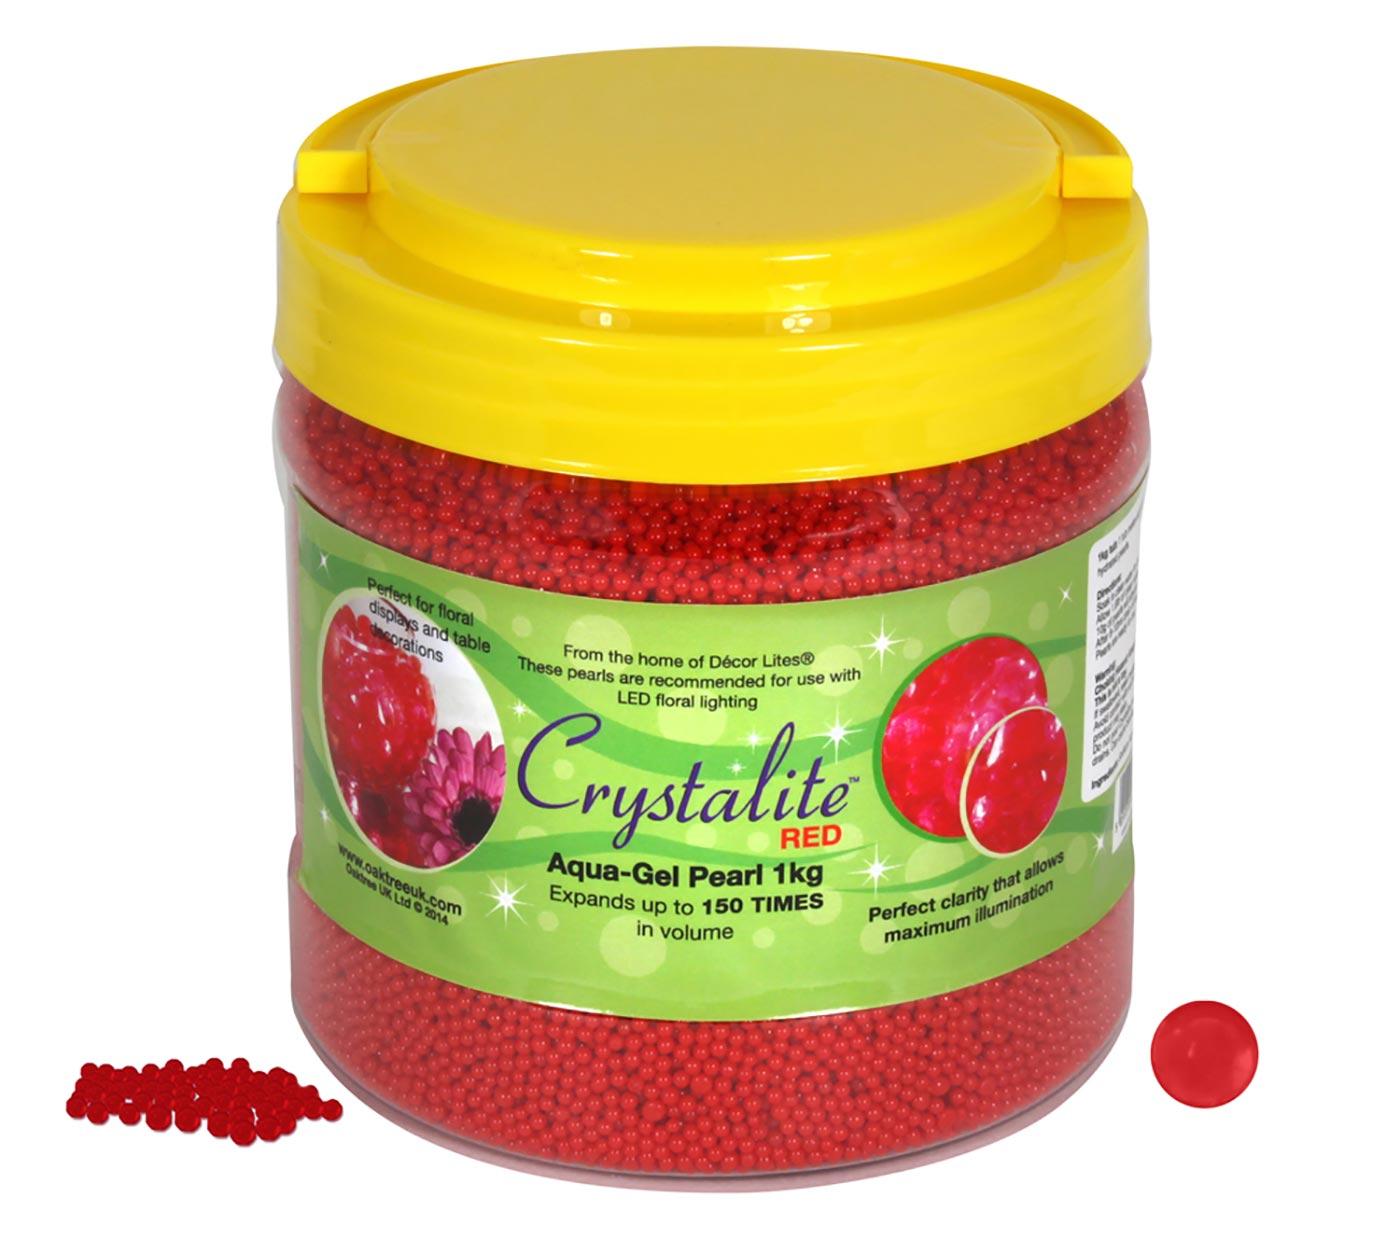 Crystalite Pearls 1Kg Red